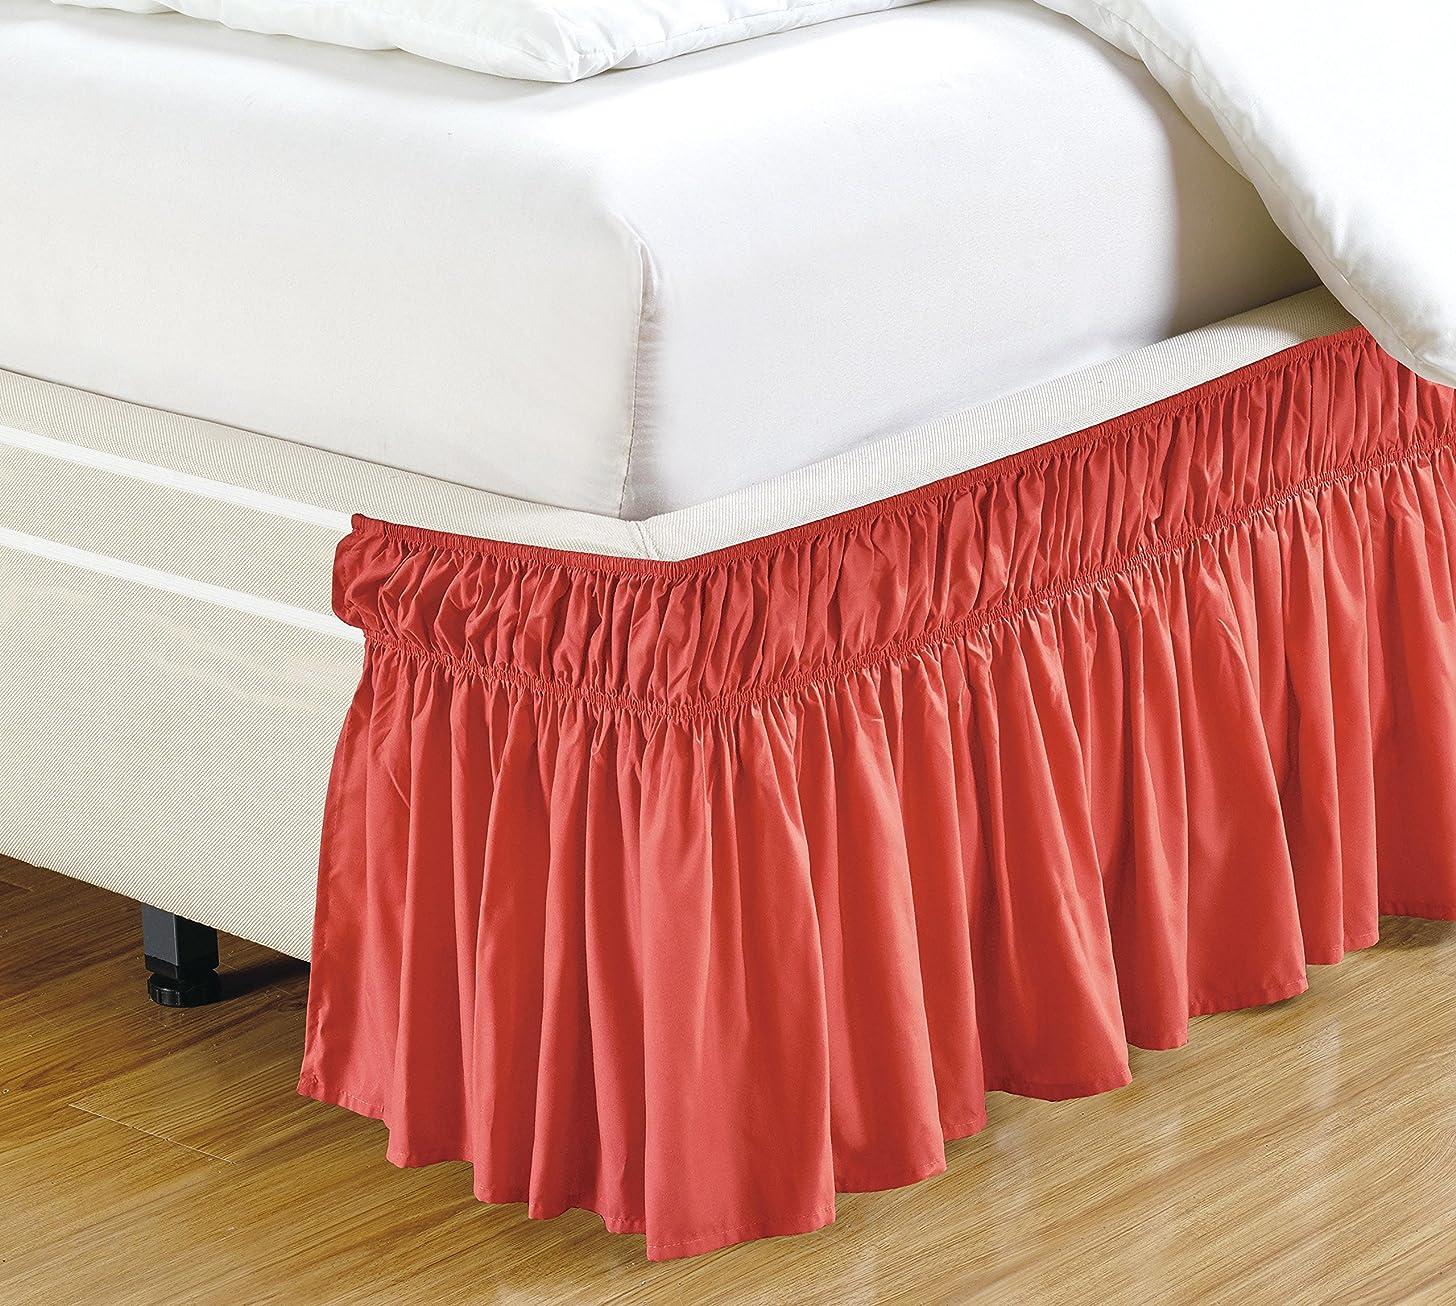 書き込み精度ブルファンシーコレクション イージーフィット ベッドラッフルラップアラウンドゴムベッドスカート 43.18cmドロップ 簡単取り付け 無地 (ツイン/フル、コーラル)